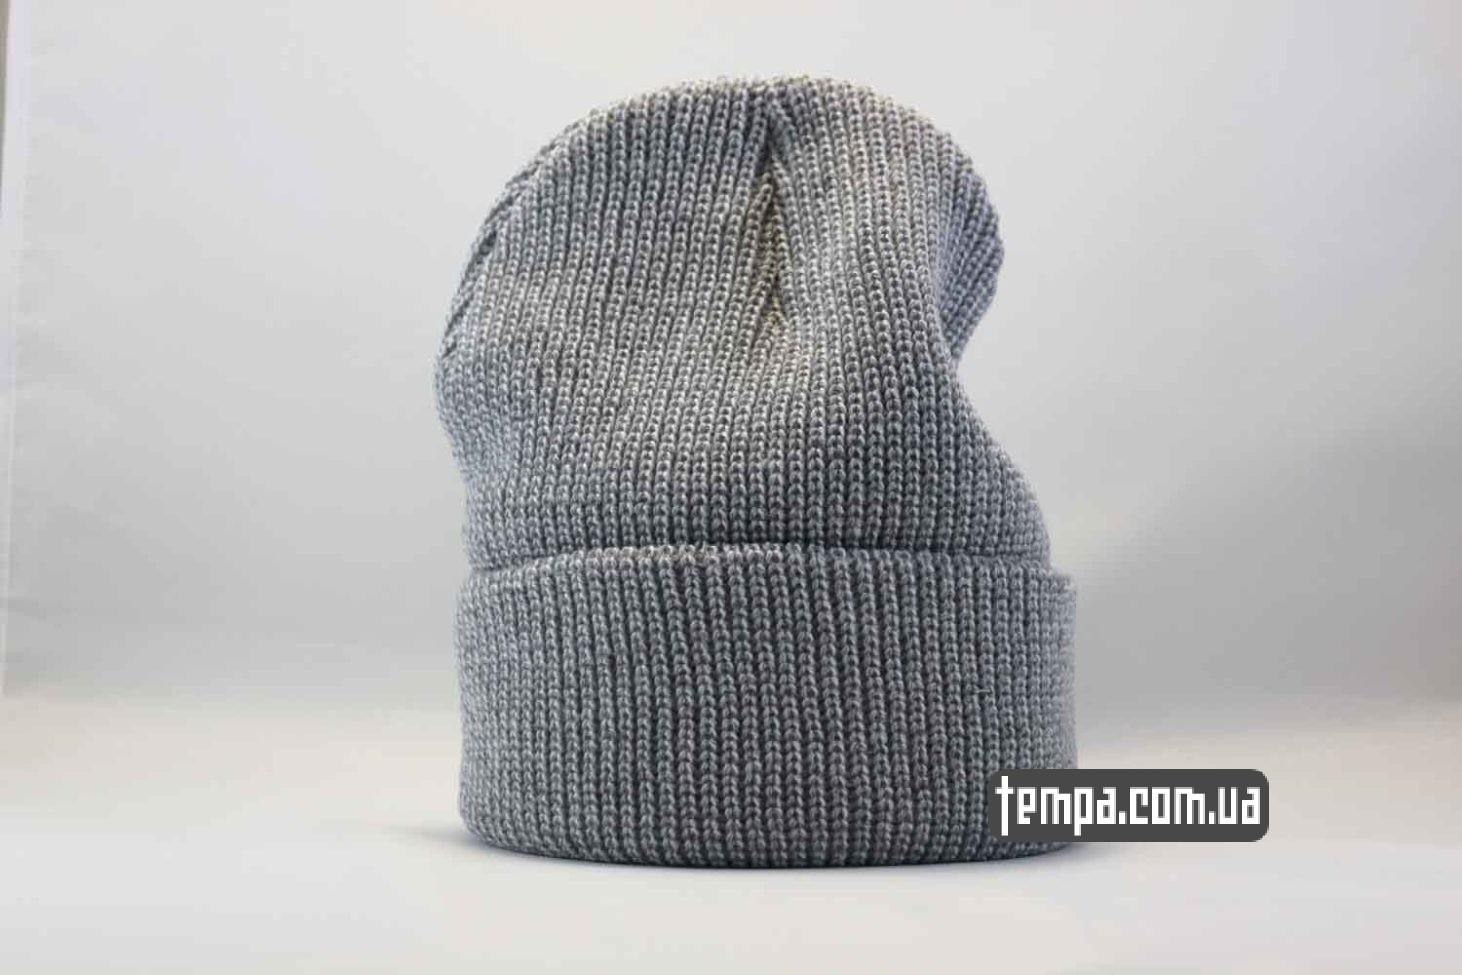 оригинальная одежда Украина купить шапку бини Stussy нью йорк лос анджелес токио оригинал